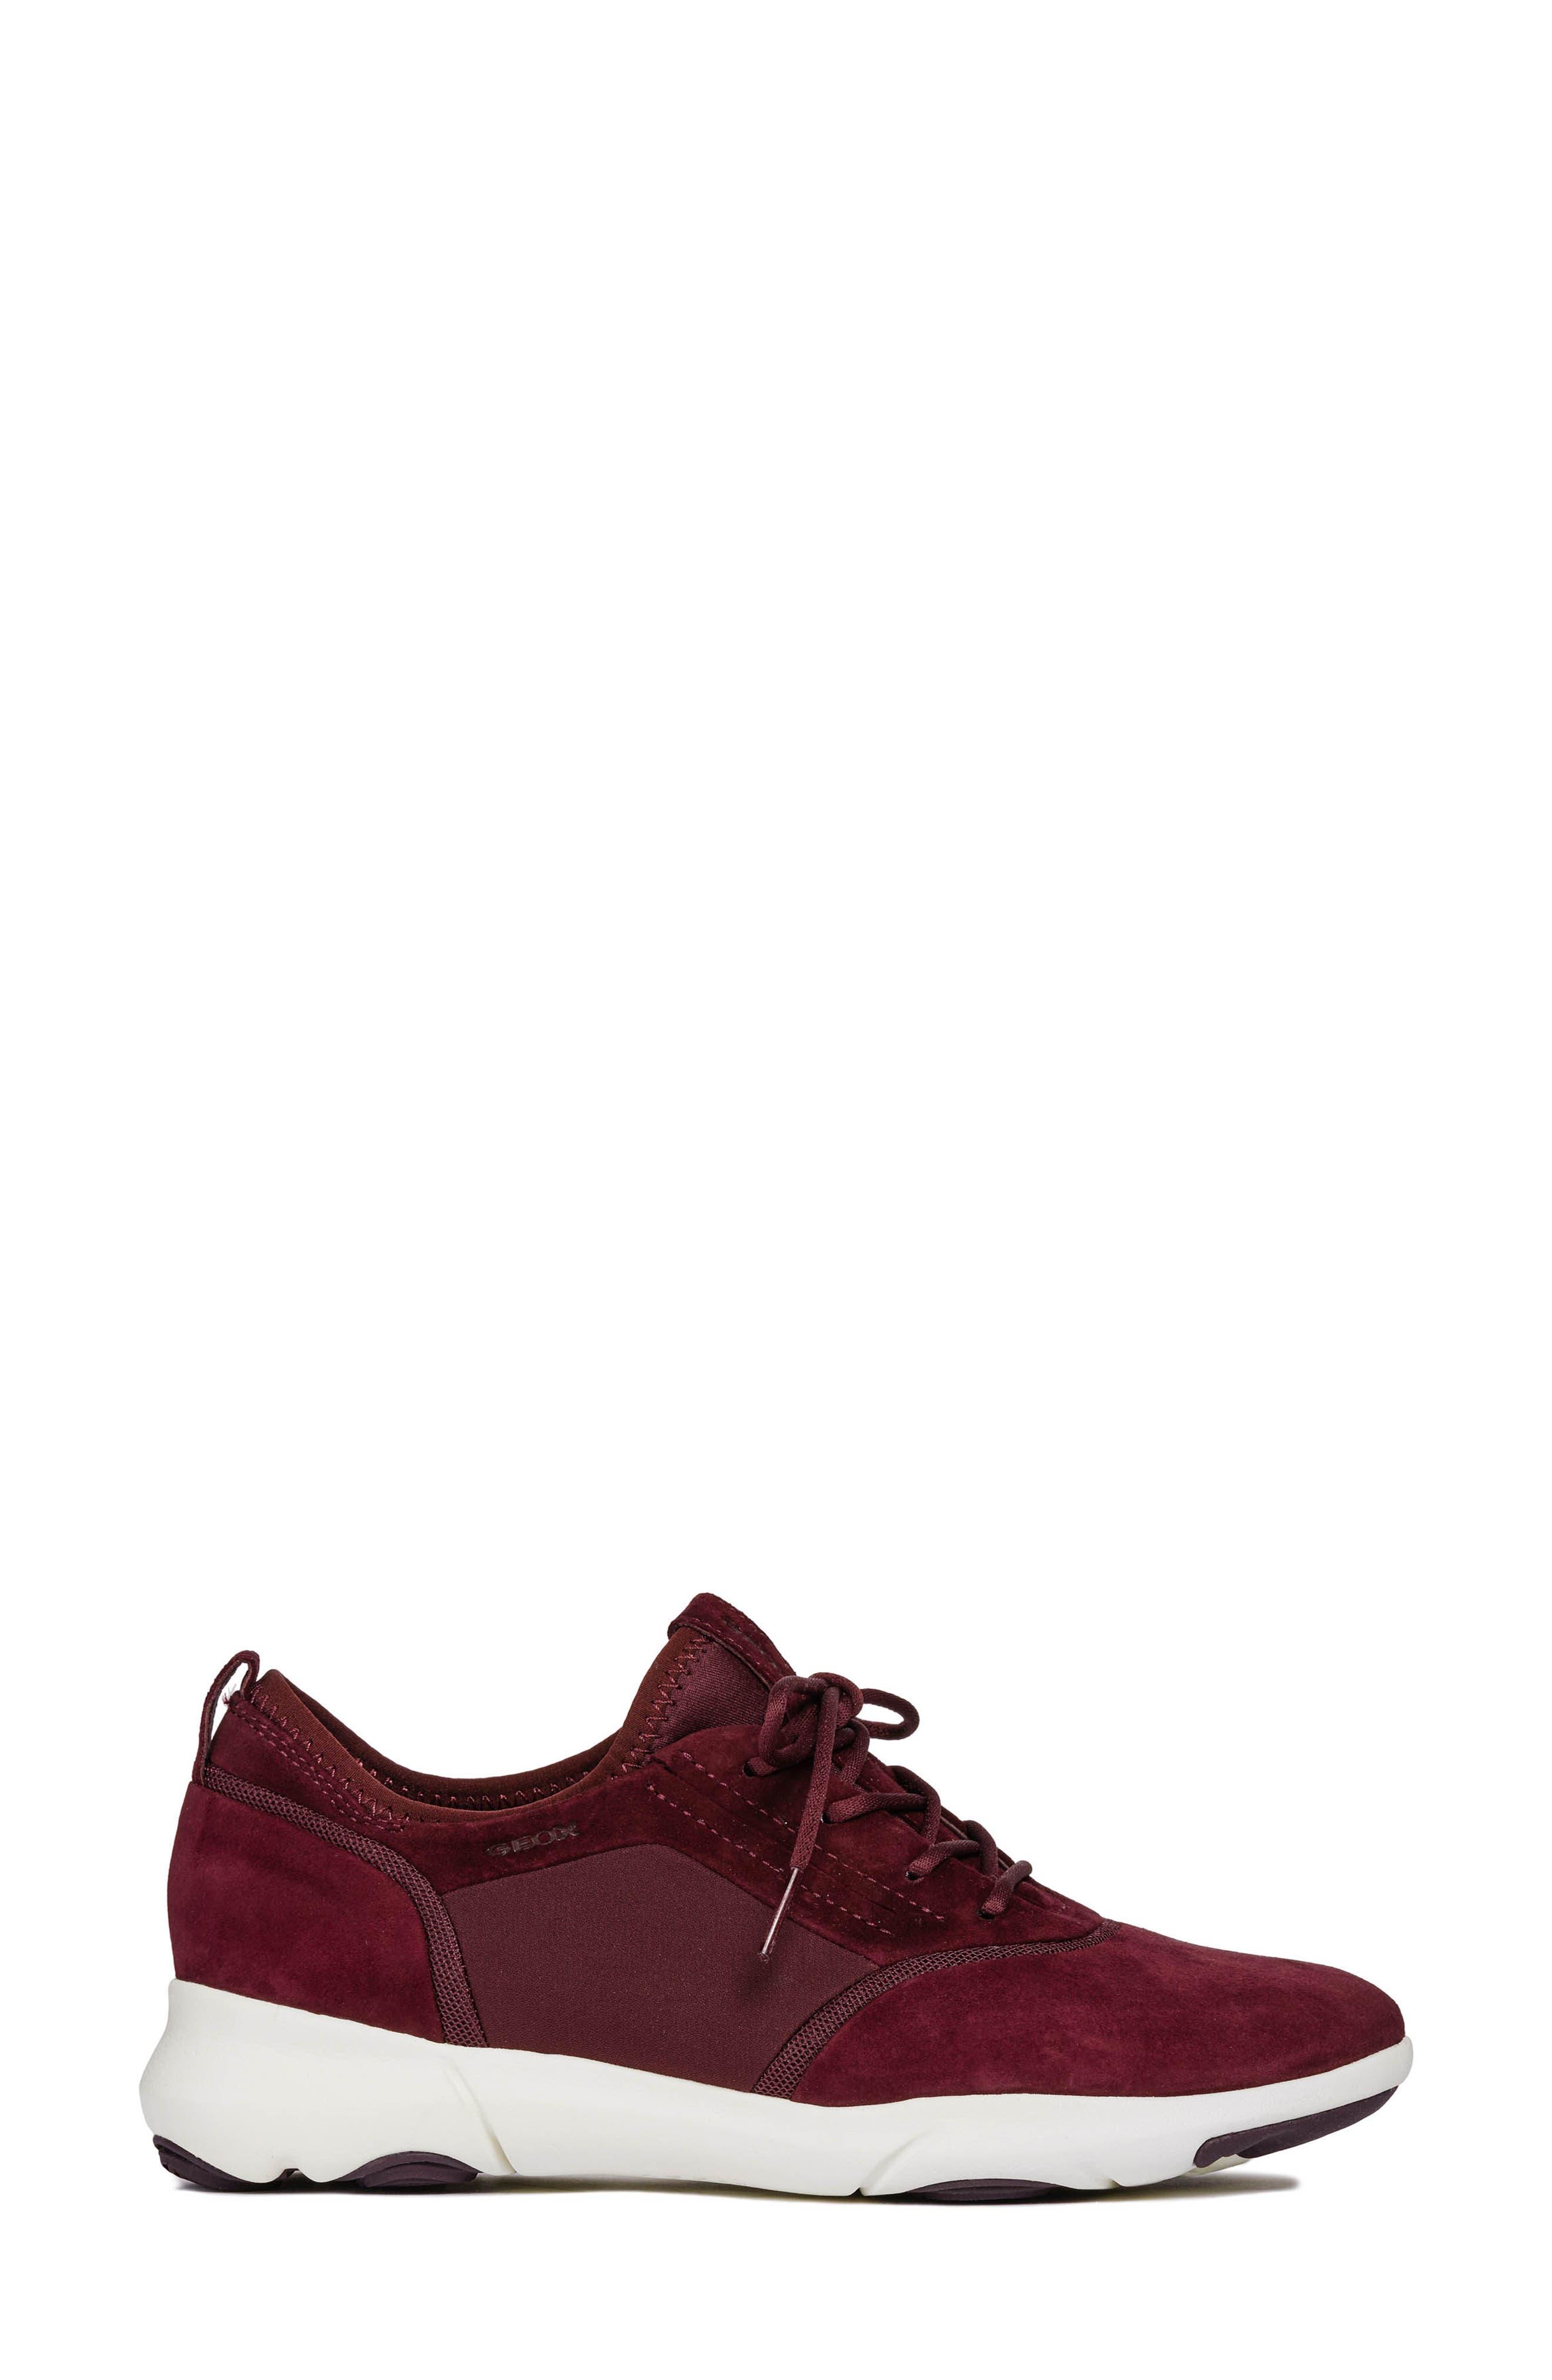 Nebula Sneaker,                             Alternate thumbnail 3, color,                             DARK BURGUNDY LEATHER